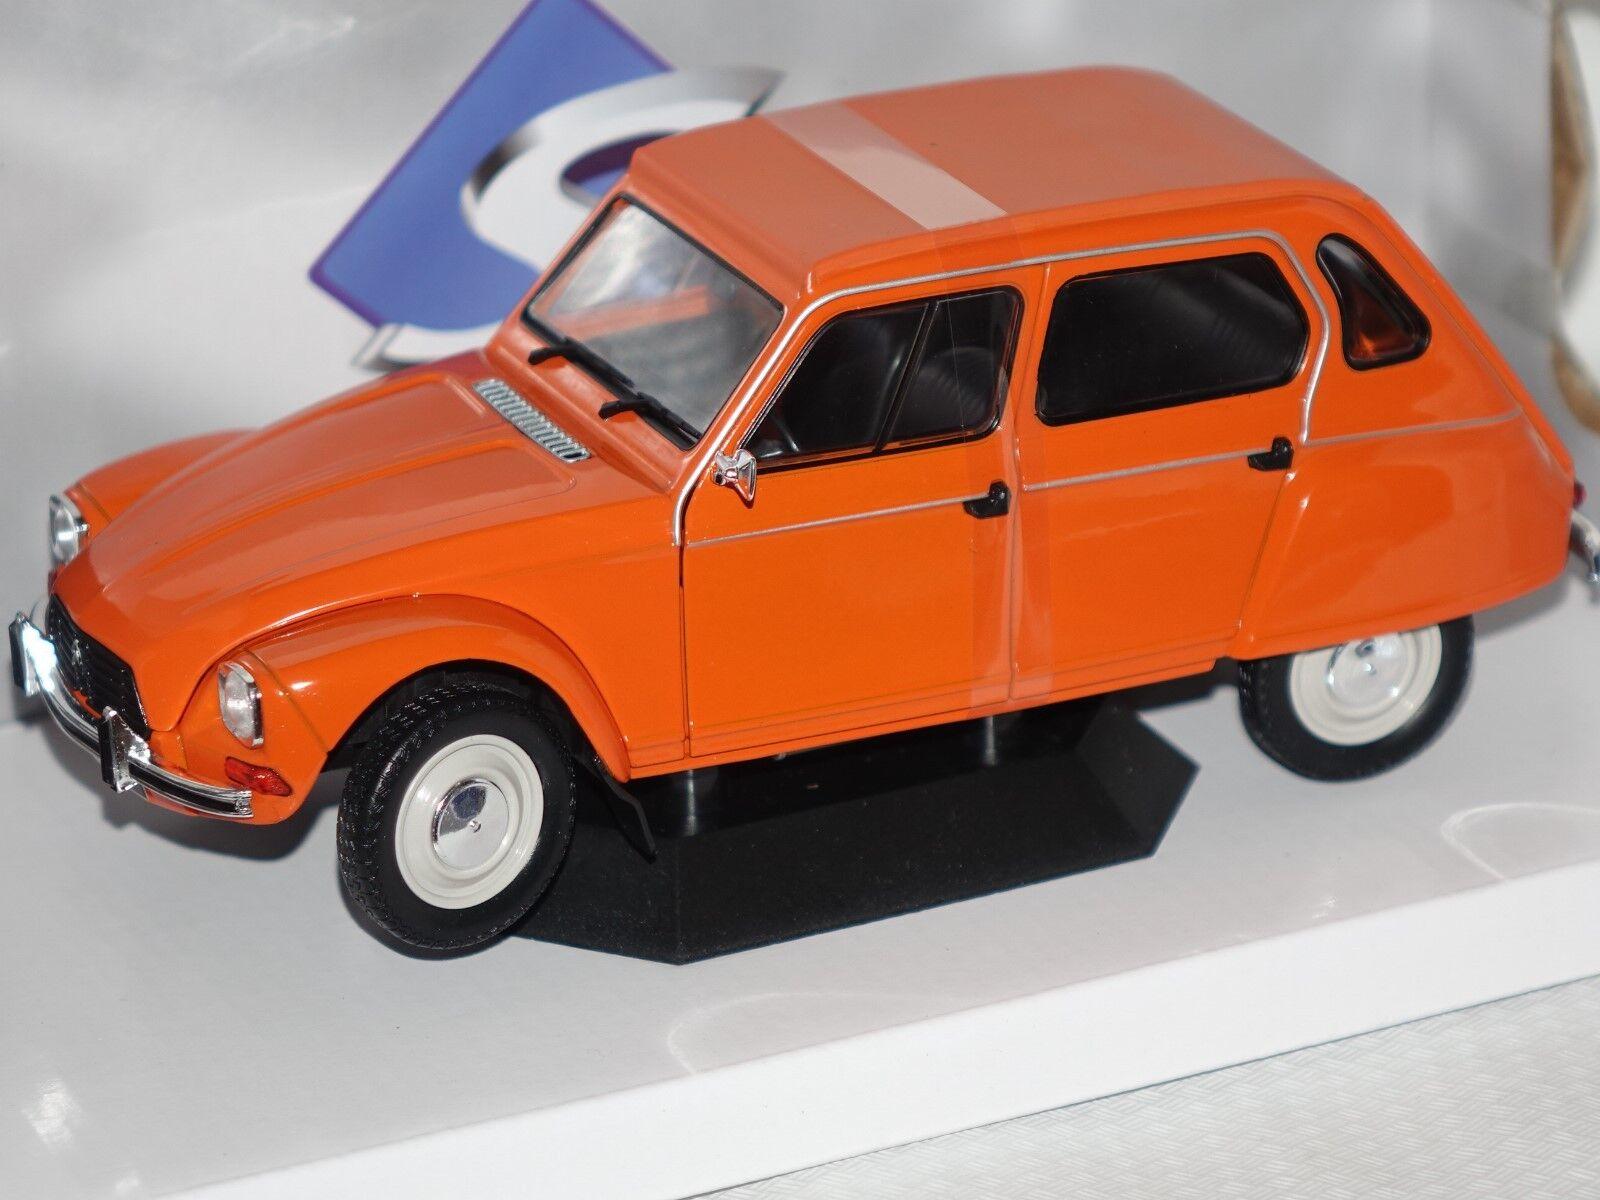 CITROEN DYANE 6 1967 Orange 1 18 Solido 1800304 NOUVEAU & NEUF dans sa boîte